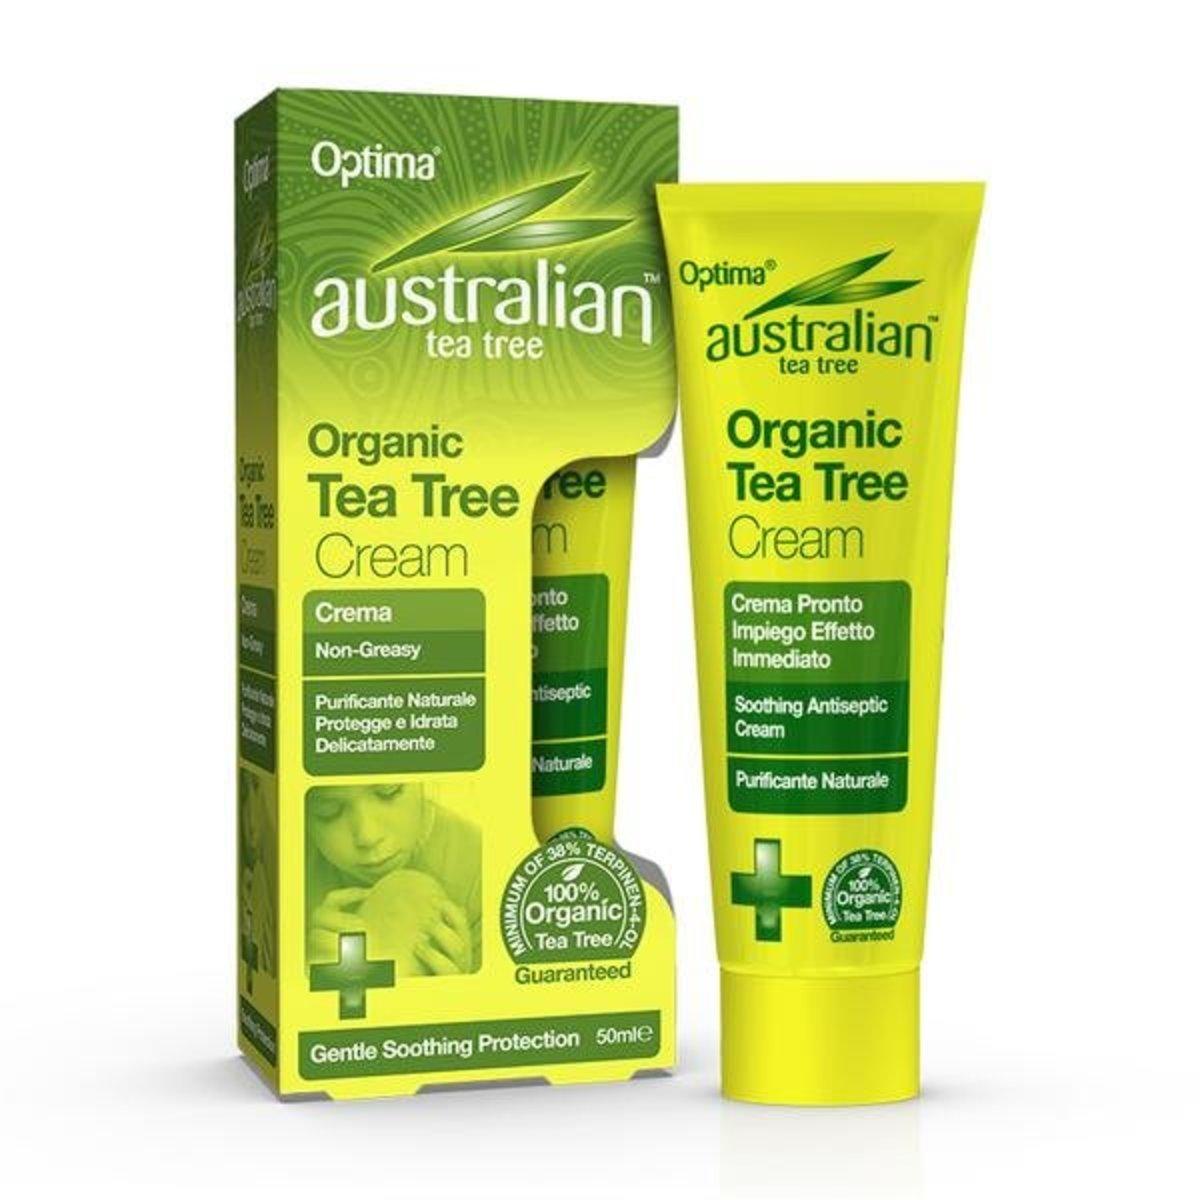 Australian Tea Tree Antiseptic Organic Tea Tree Cream